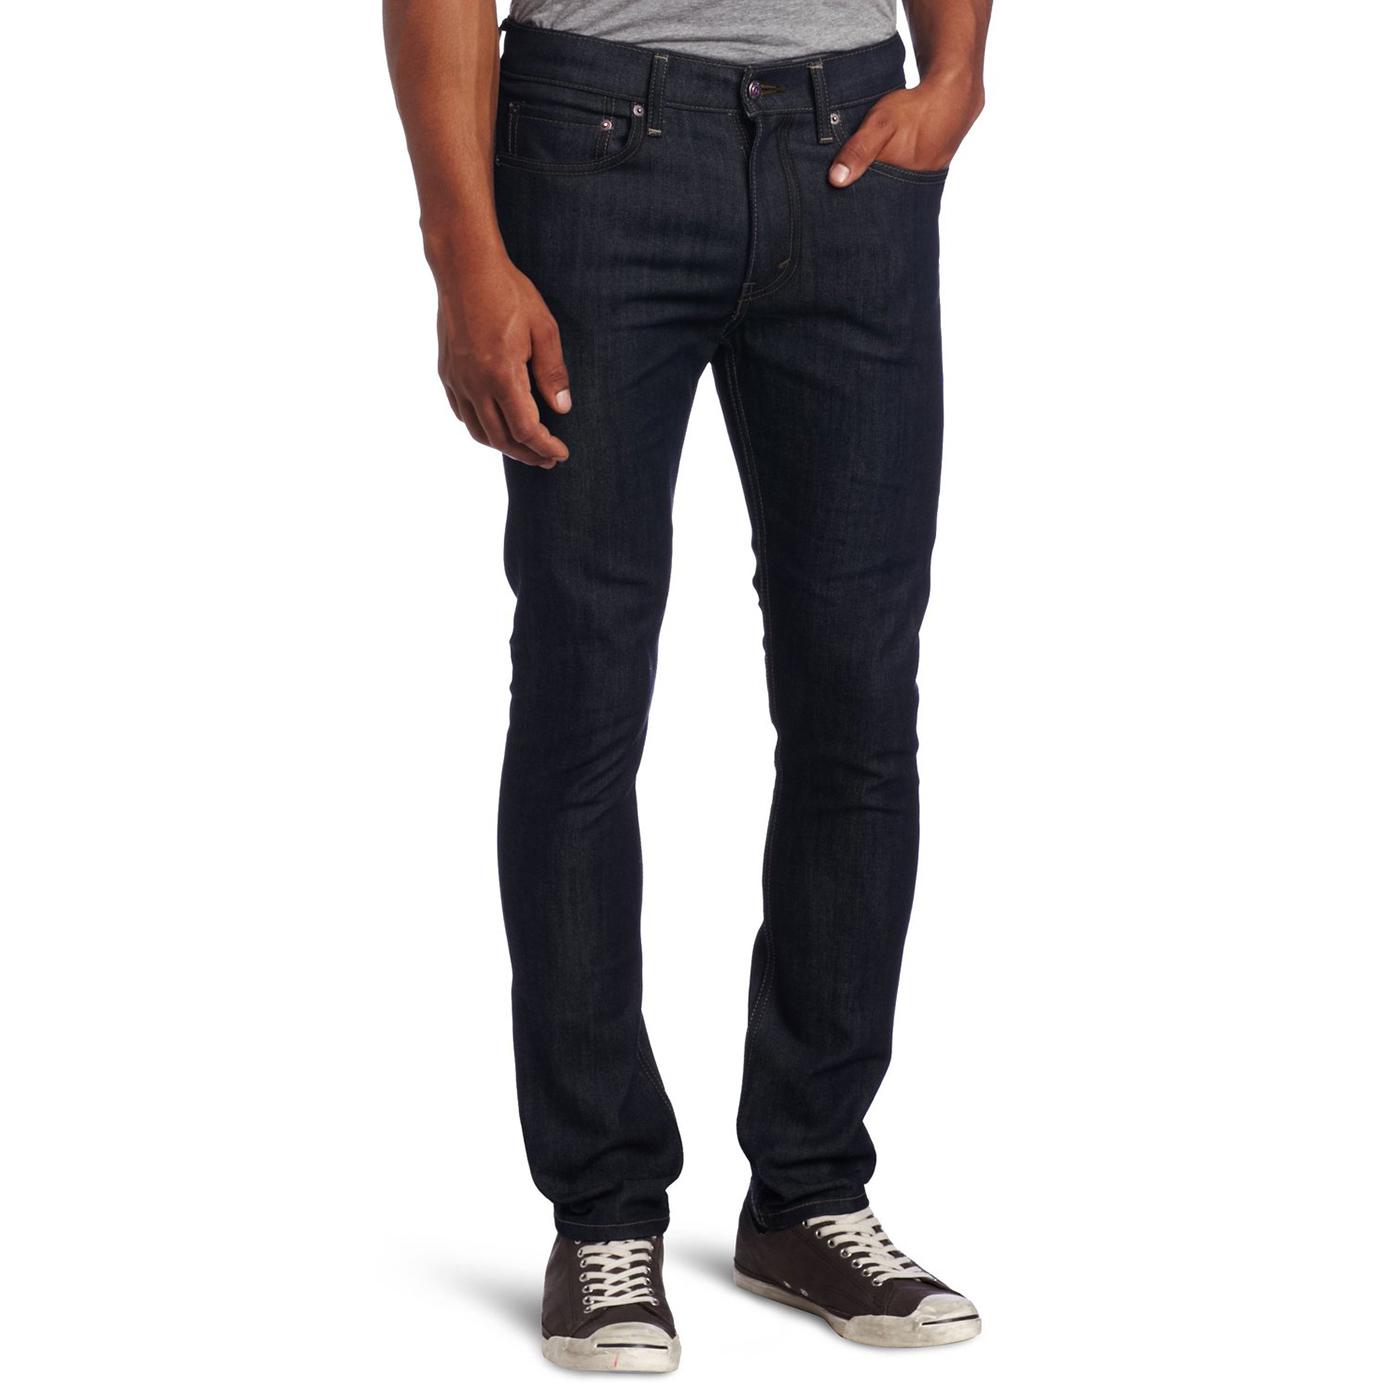 美國百分百【全新真品】Levis 510 Skinny Fit 男 牛仔褲 直筒 窄版 單寧 靛藍色 31腰 E283